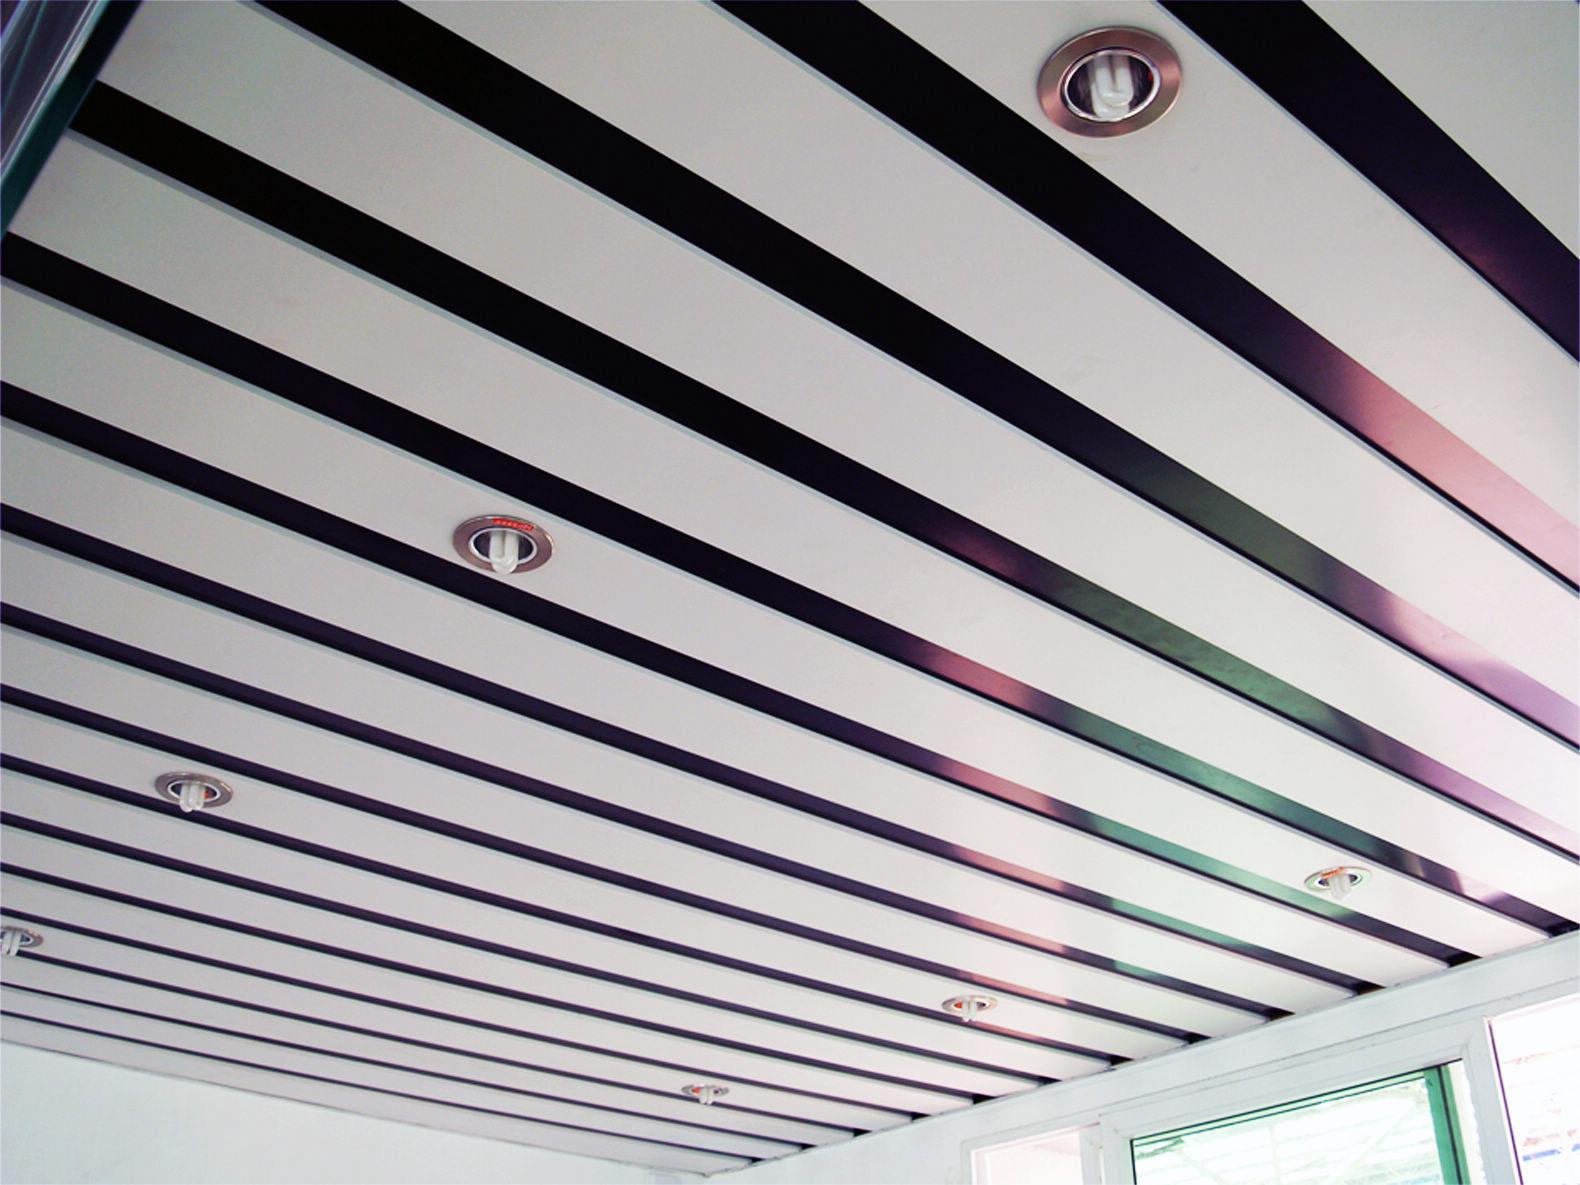 主要有:轻钢龙骨石膏板天花,石膏板天花,夹板天花,异形长条铝扣板天花图片